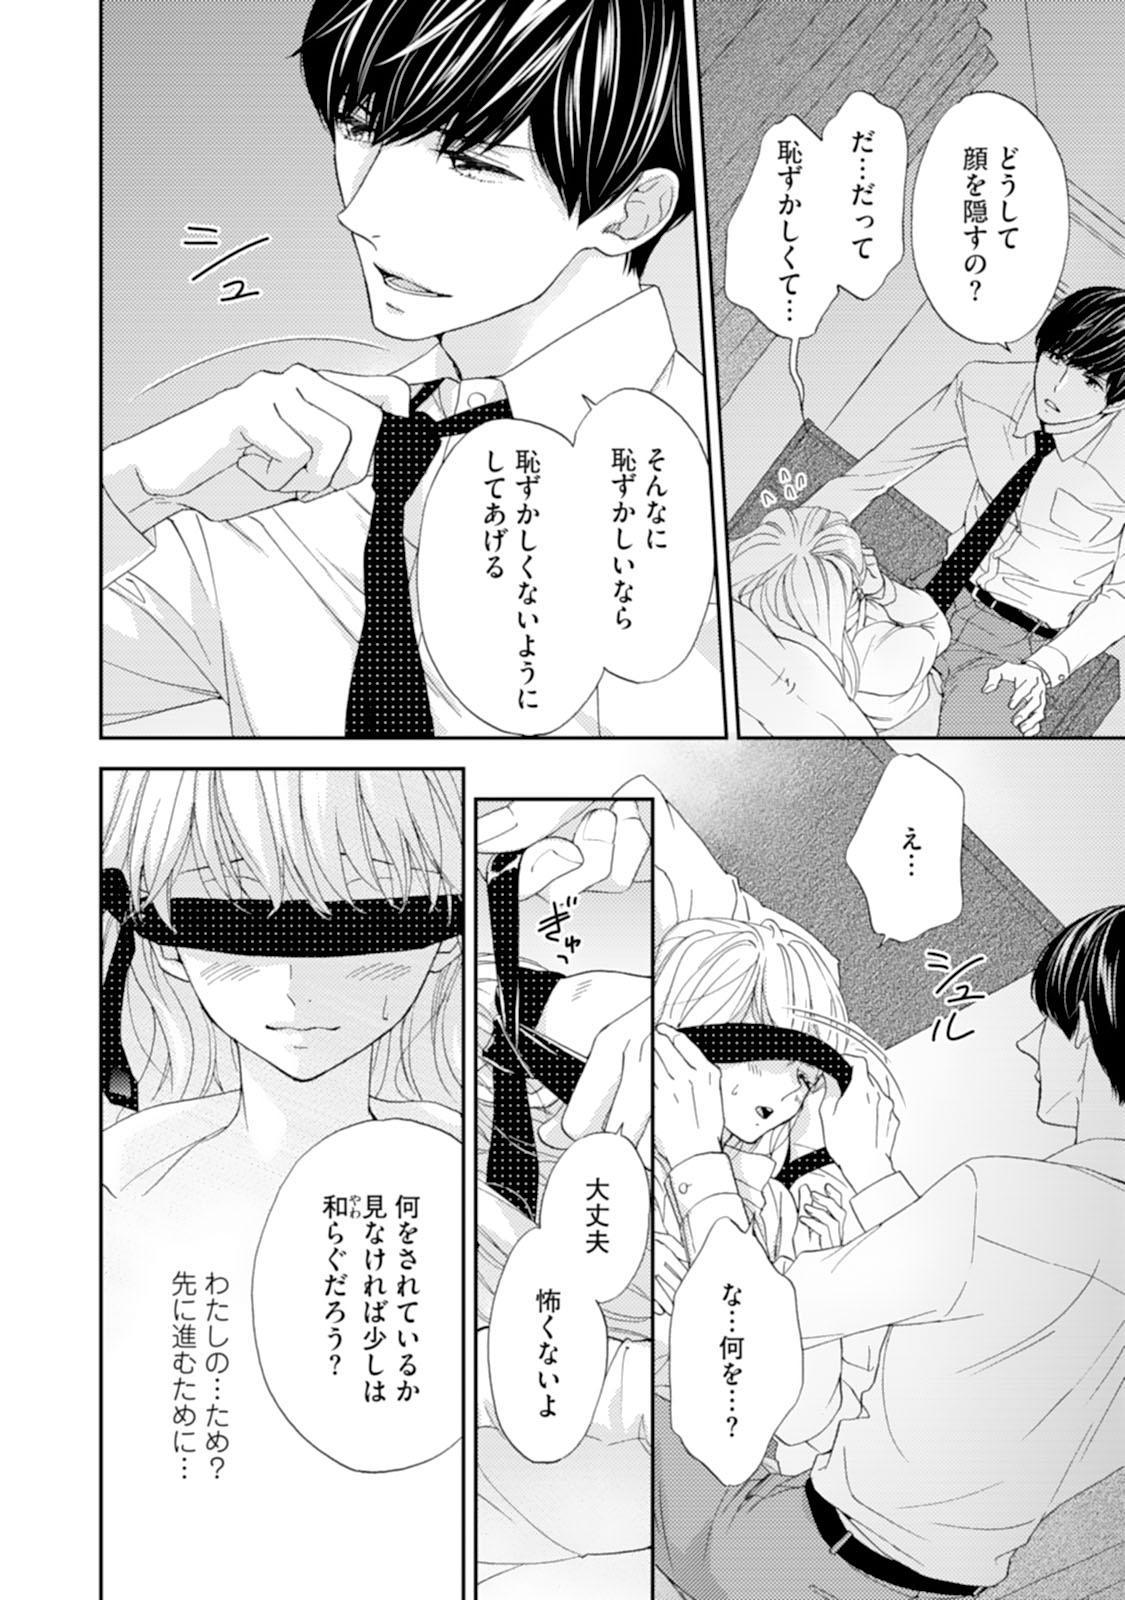 [Adumi Yuu] Choukyou-kei Danshi Ookami-sama to Koneko-chan Ch. 1-3 44